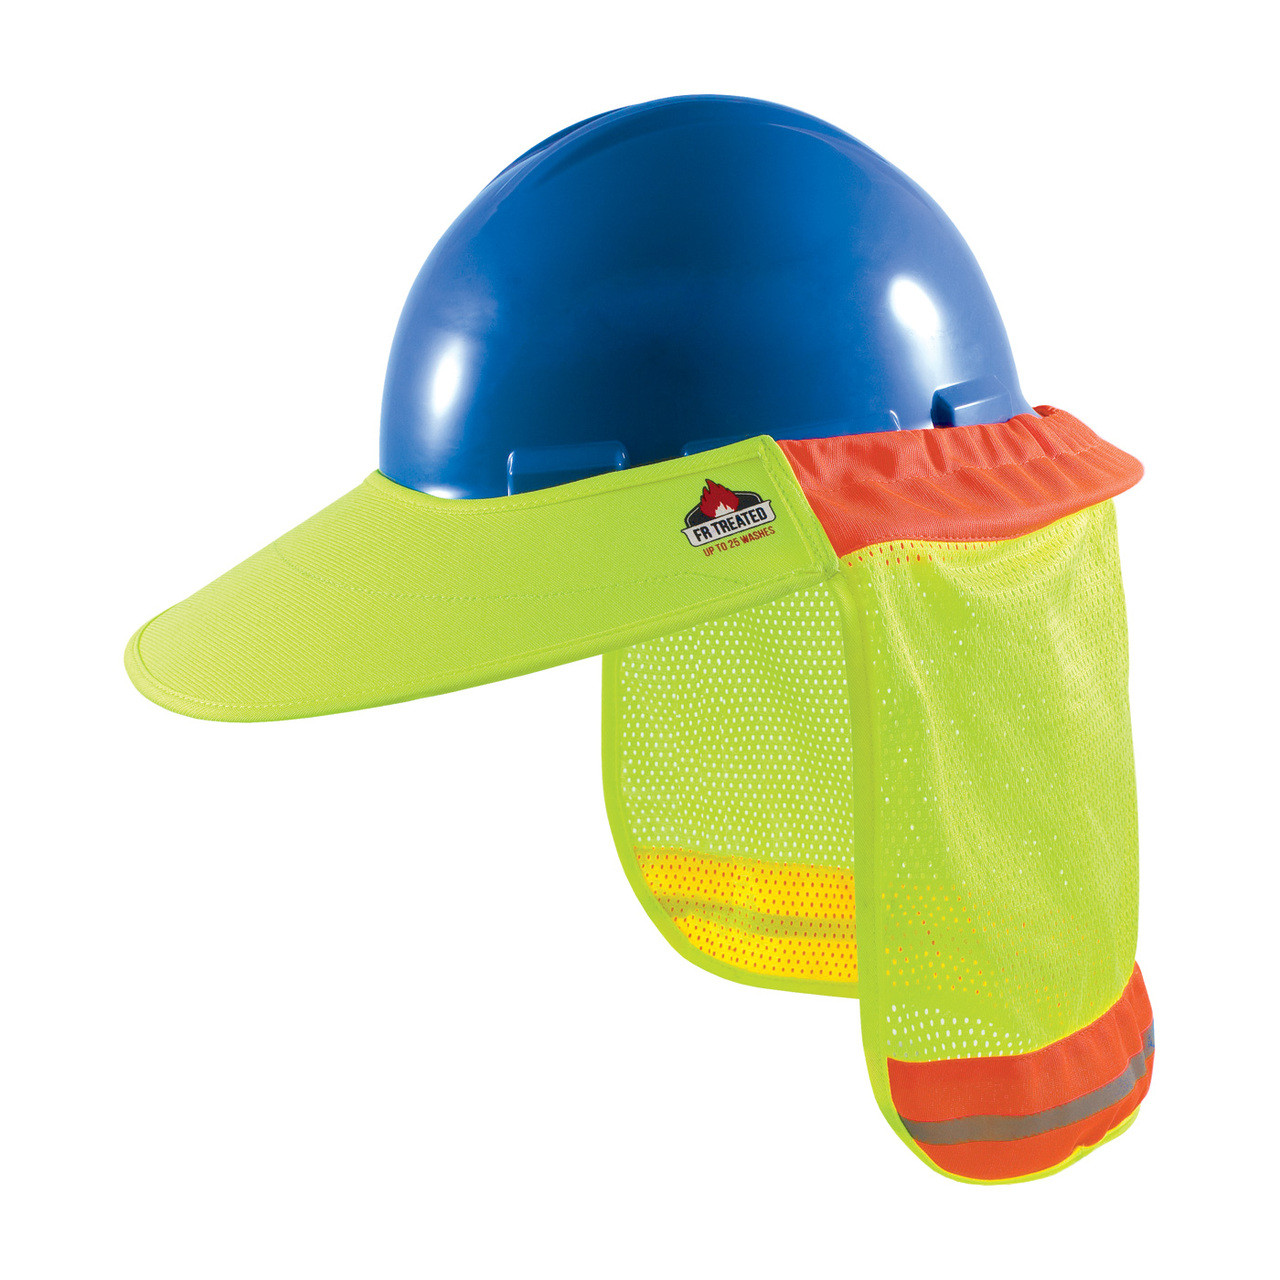 f707c71a0cb EZ-Cool® FR Treated Hi-Vis Hard Hat Visor - BBL Safety